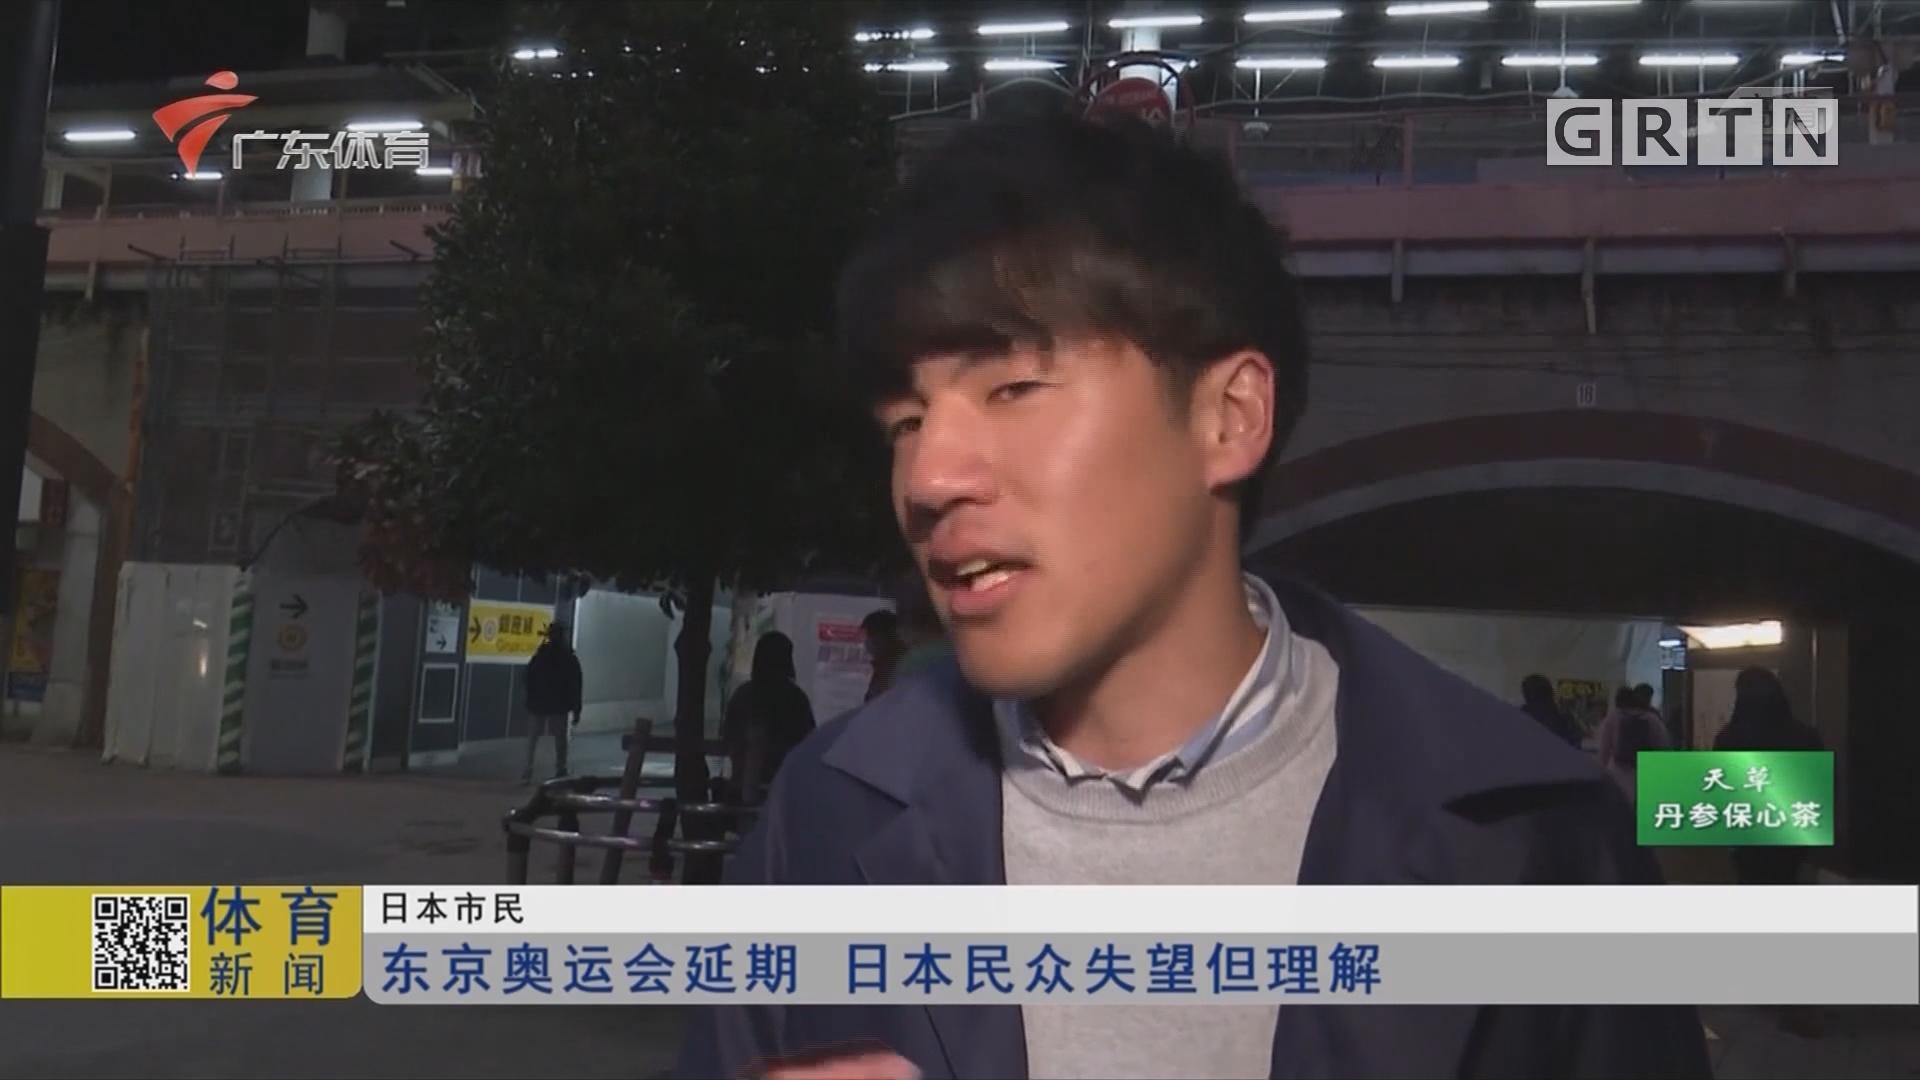 东京奥运会延期 日本民众失望但理解